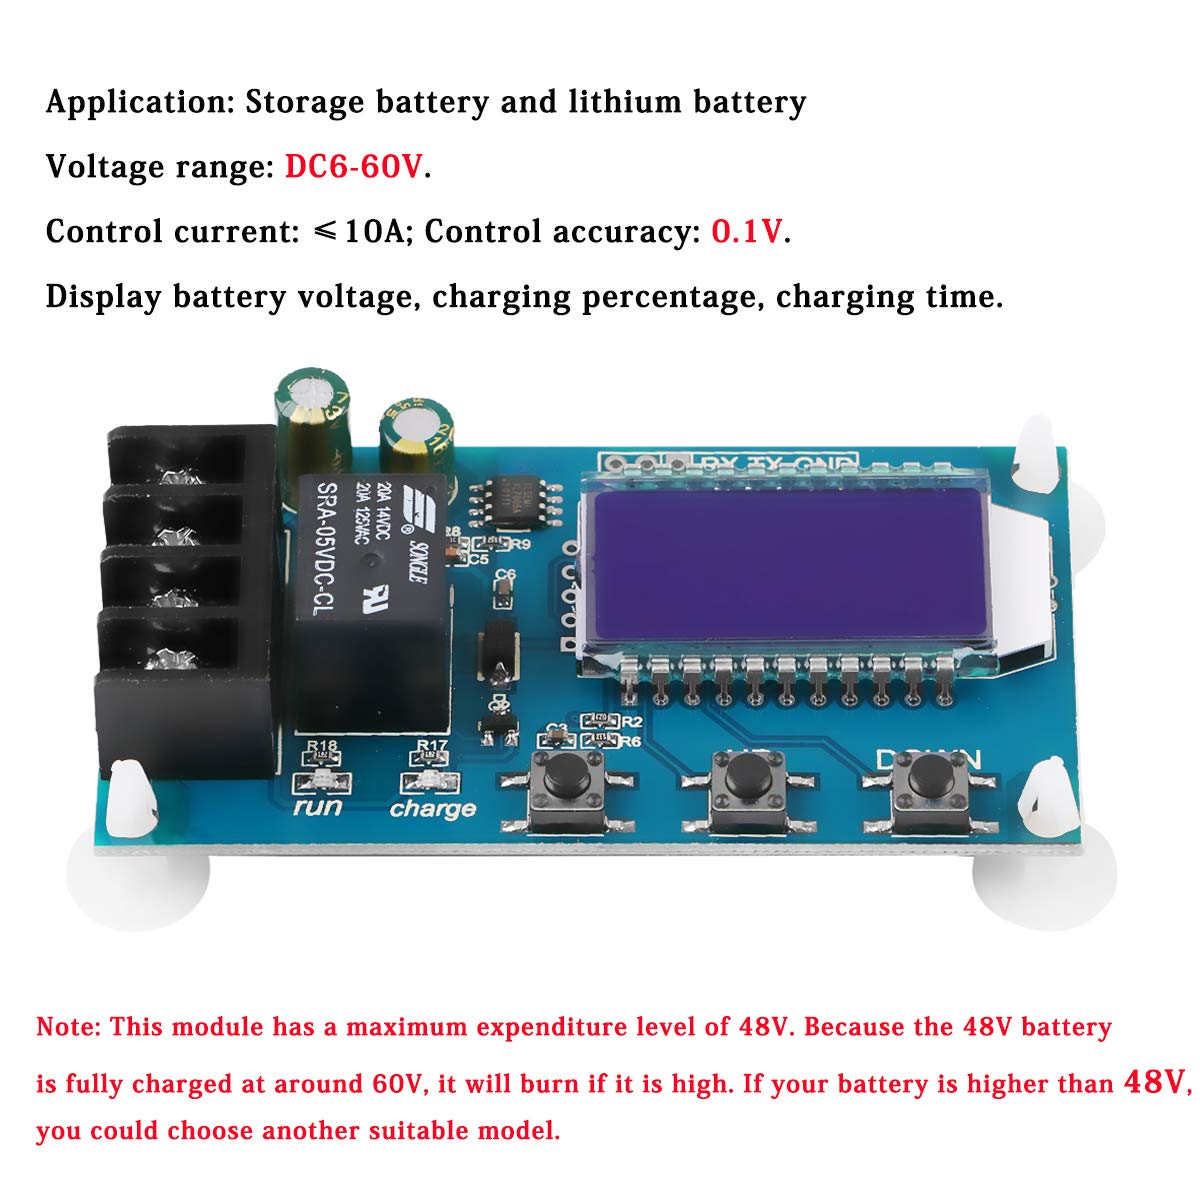 Innovateking-EU 2 st/ücke XY-L10A 10A DC6-60V Speicherbatterie Lithium-Batterie Digitales Ladesteuermodul Board /Überladungsschutz Automatische Zeitsteuerung mit LCD